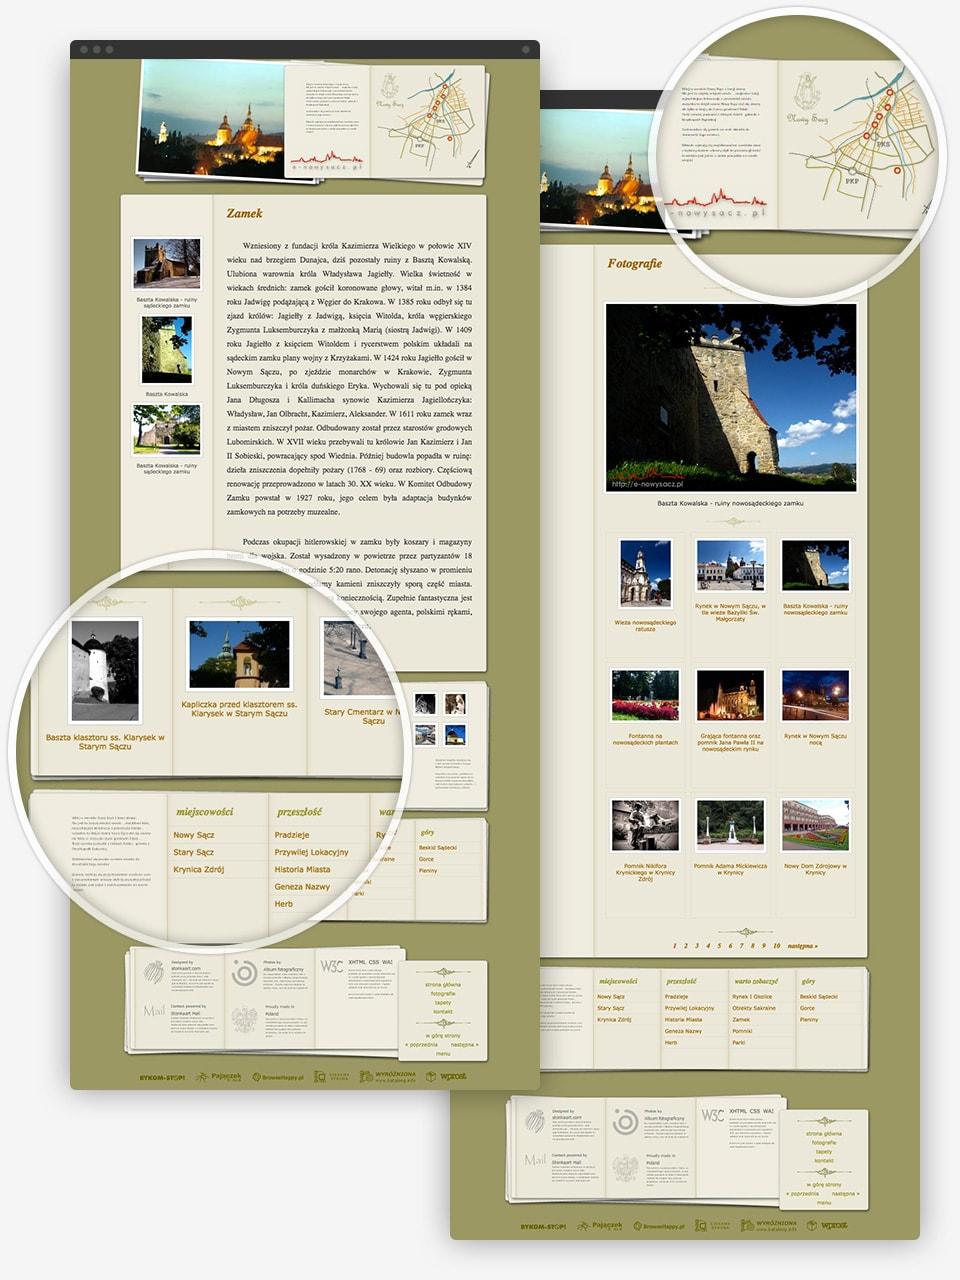 Nowy Sącz z innej strony page details